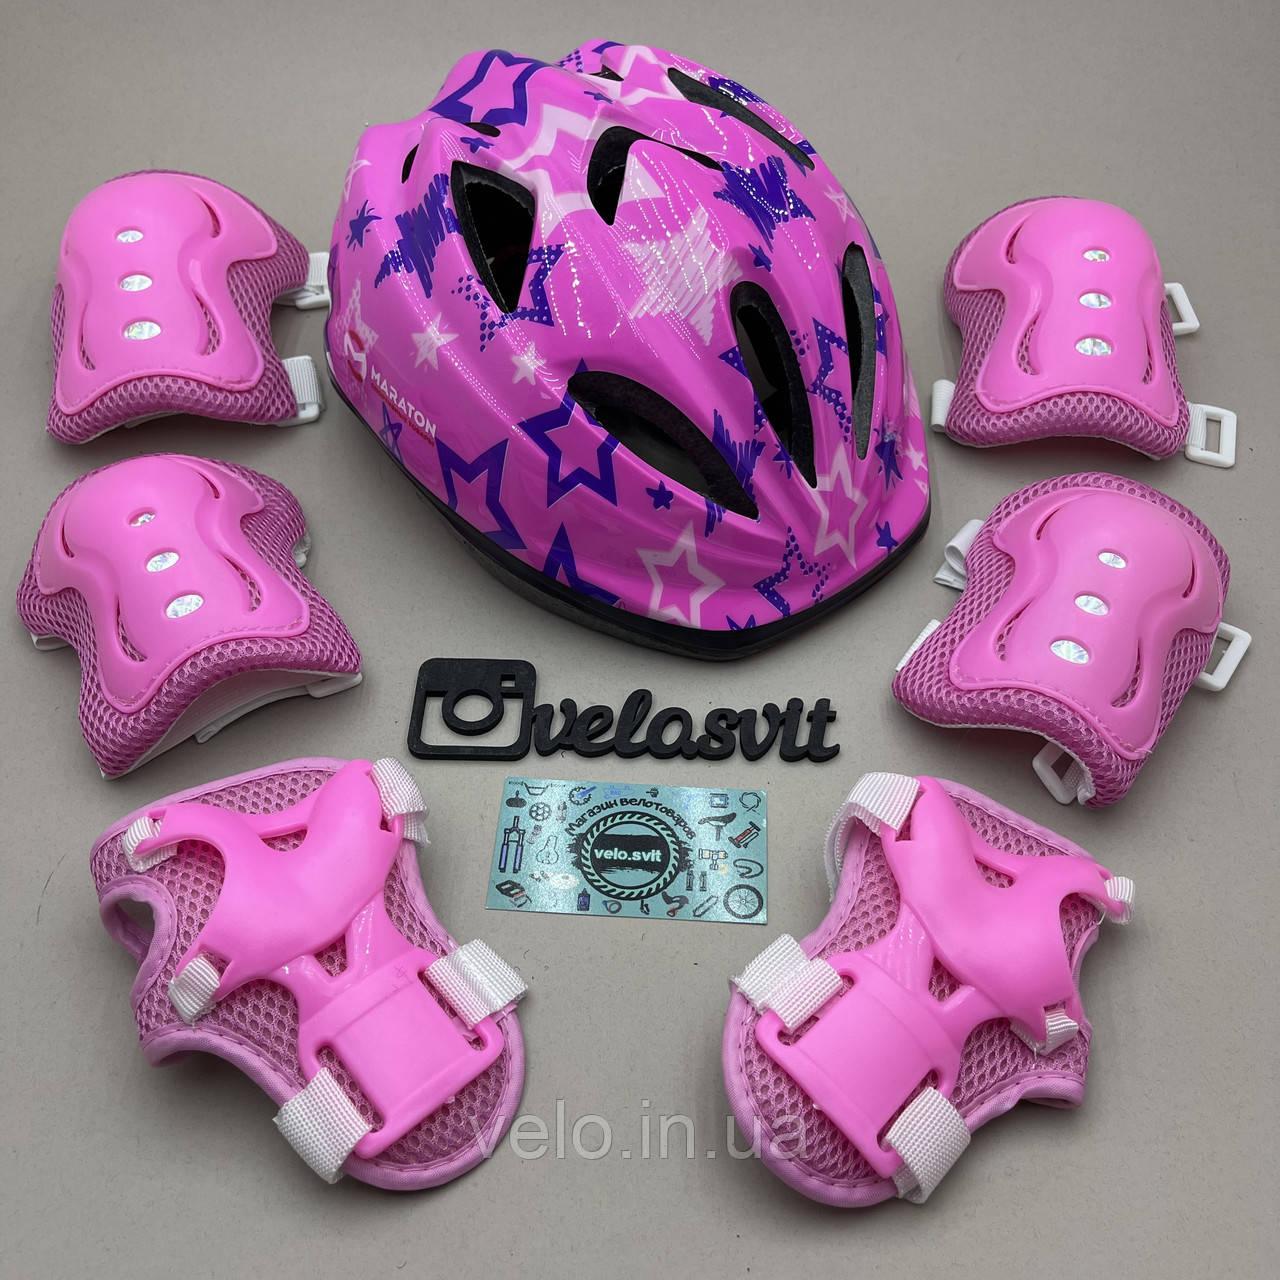 Фірмовий комплект захисту, шолом Maraton+ наколінники, налокітники, рукавички для дівчинки рожева захист